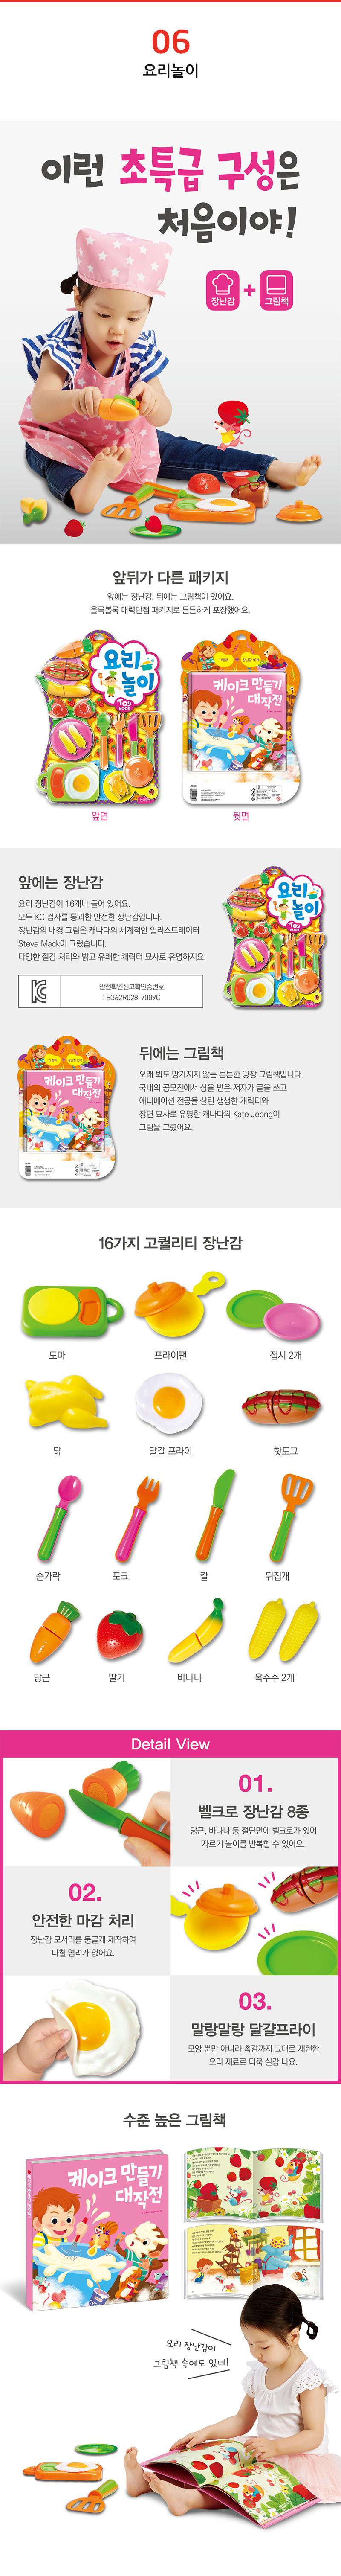 삼성출판사 NEW 삼성 토이북 8종 시리즈